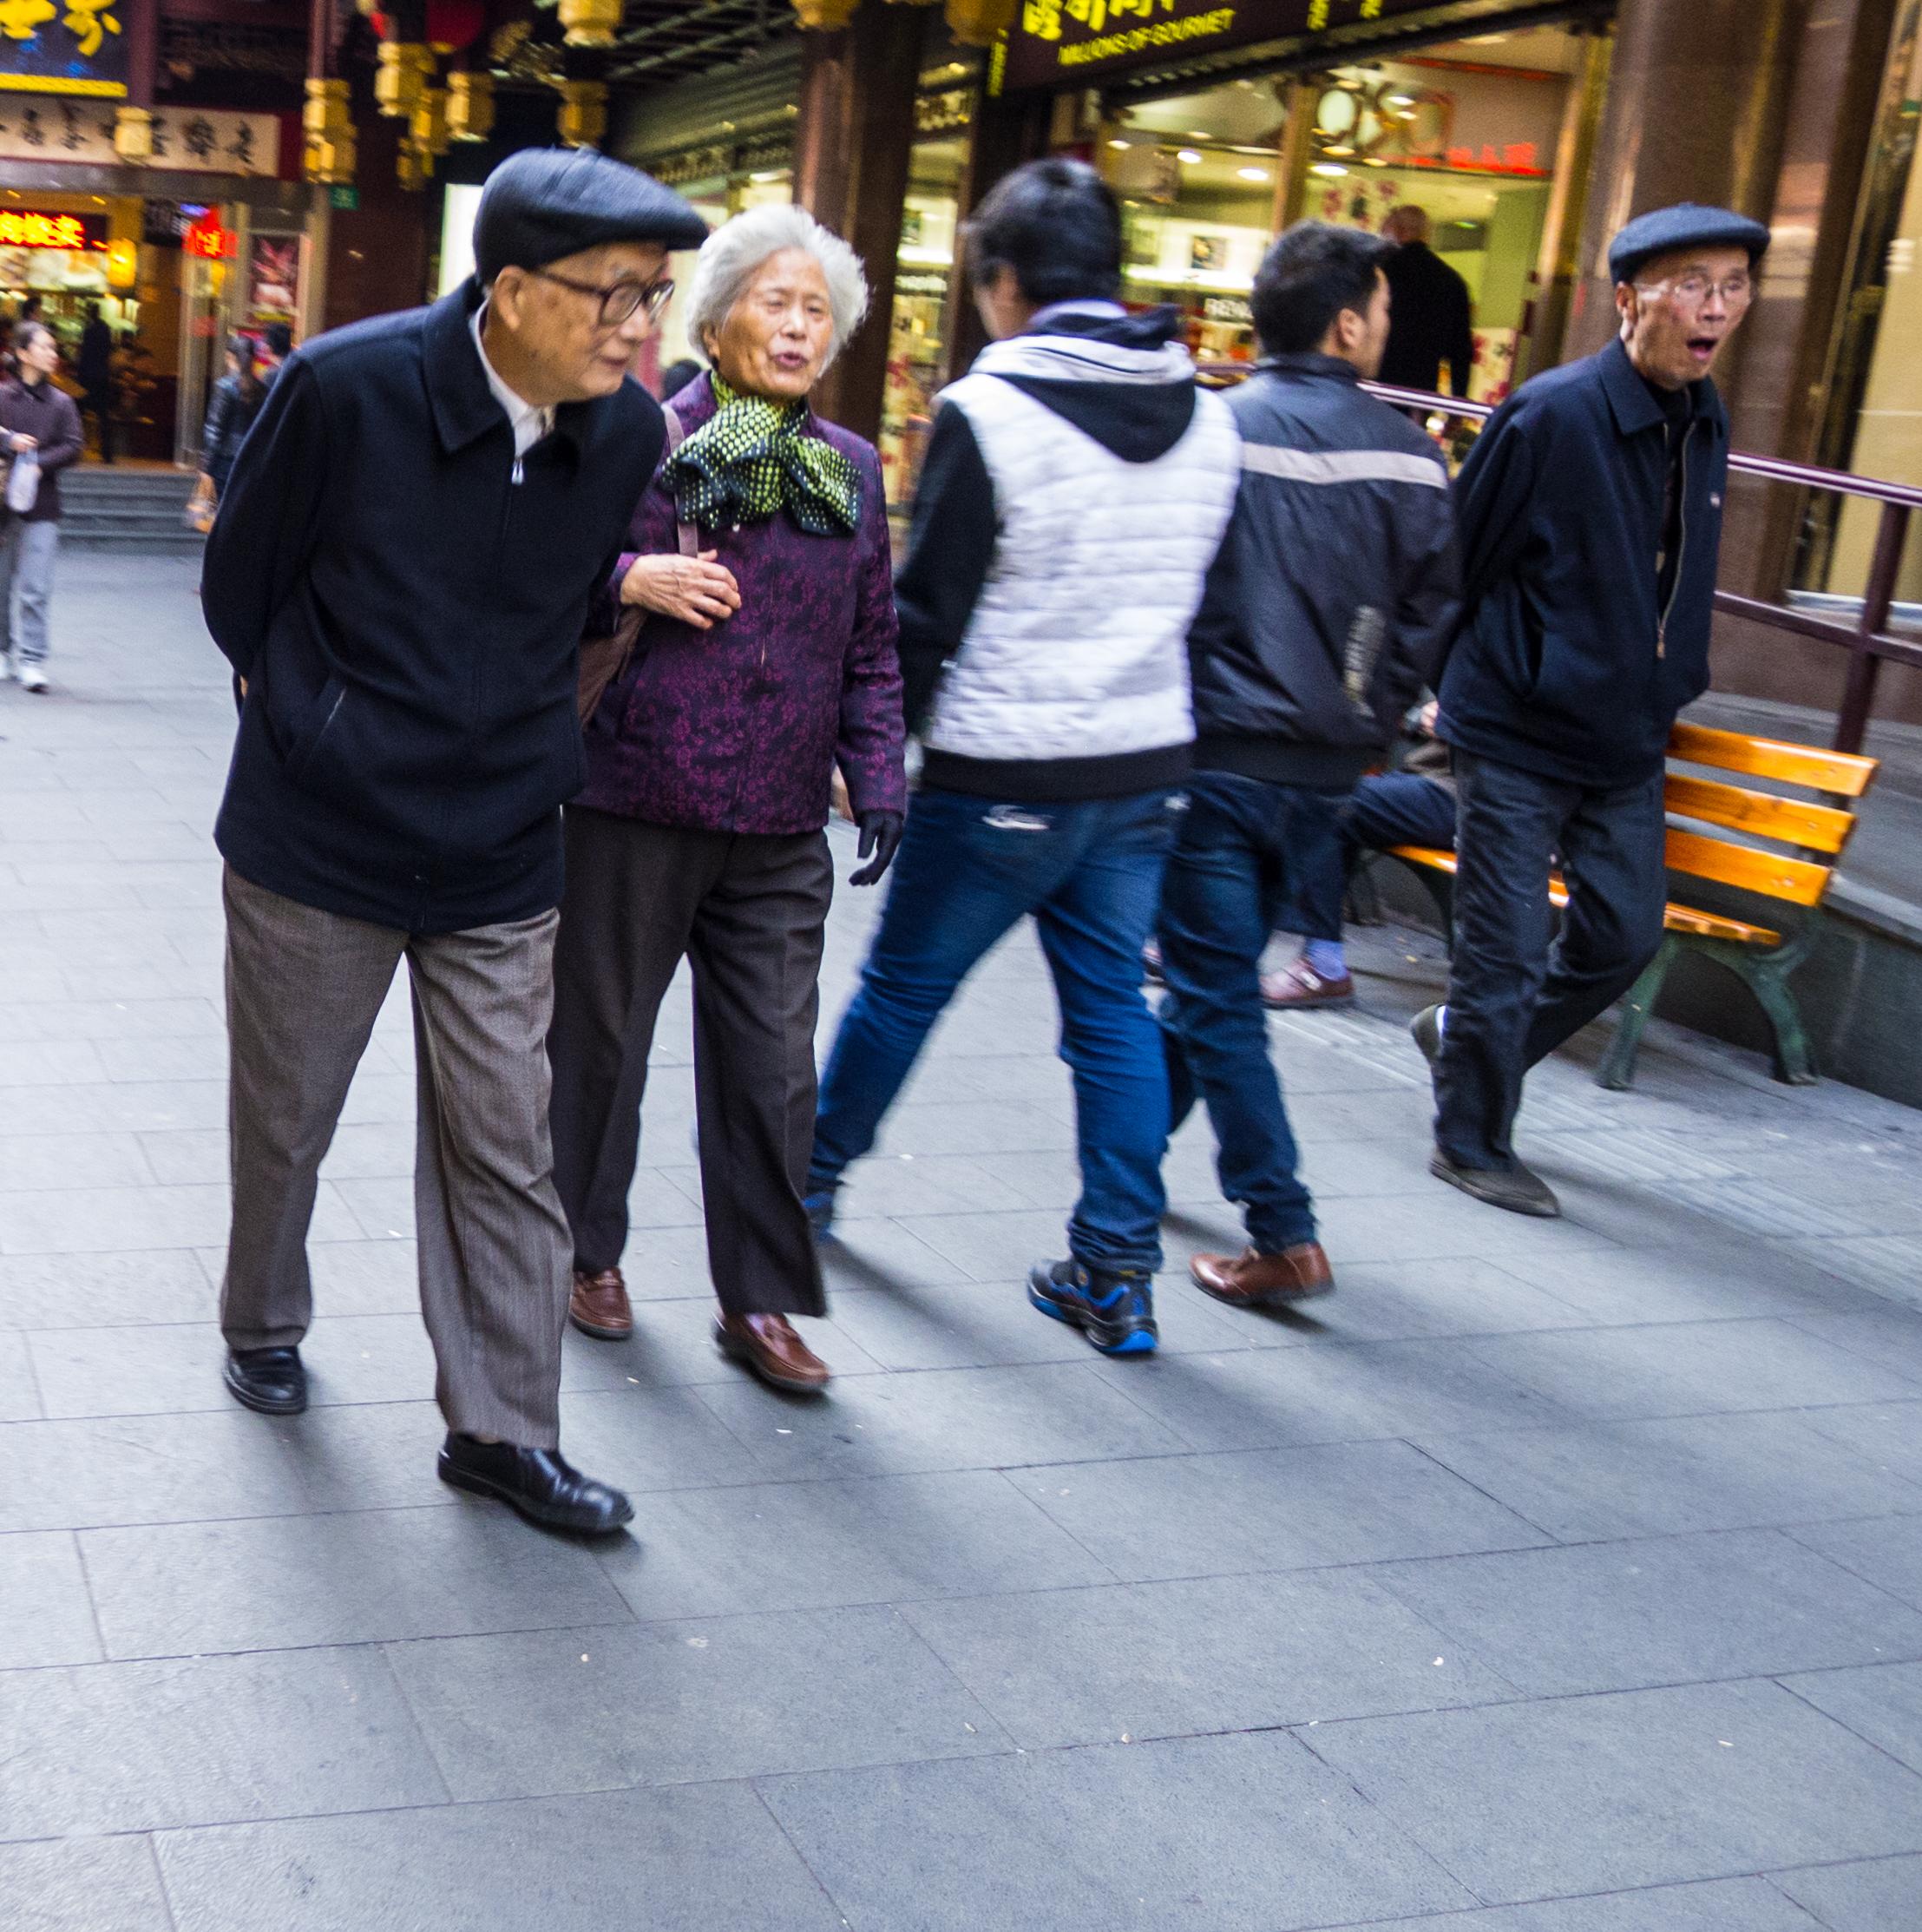 shanghai_elderly.jpg